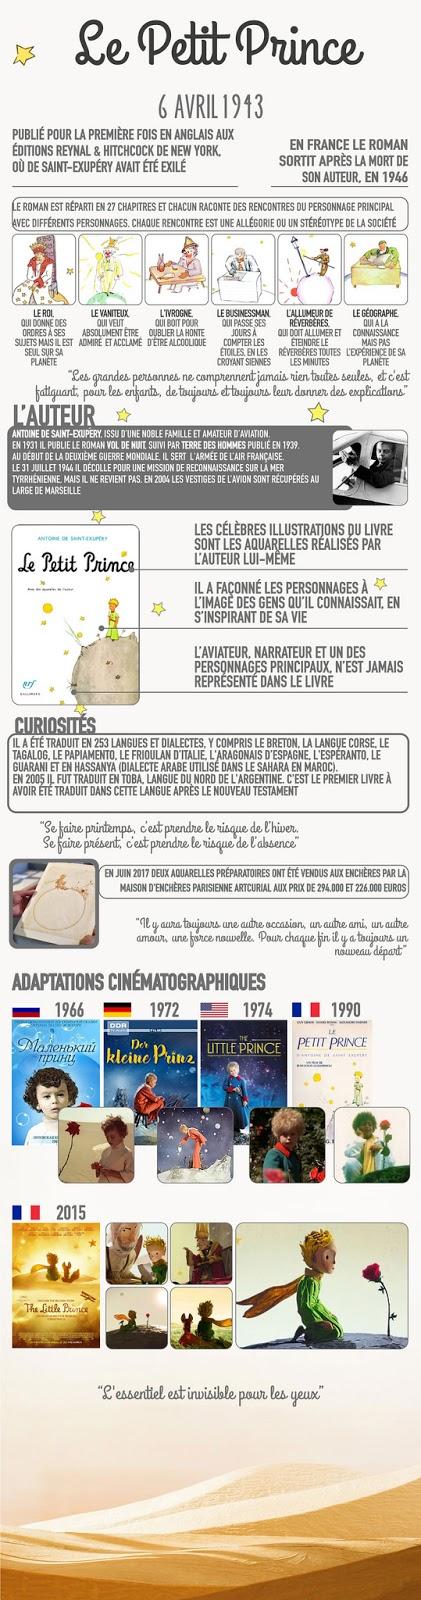 Le Petit Prince - informacje - Francuski przy kawie